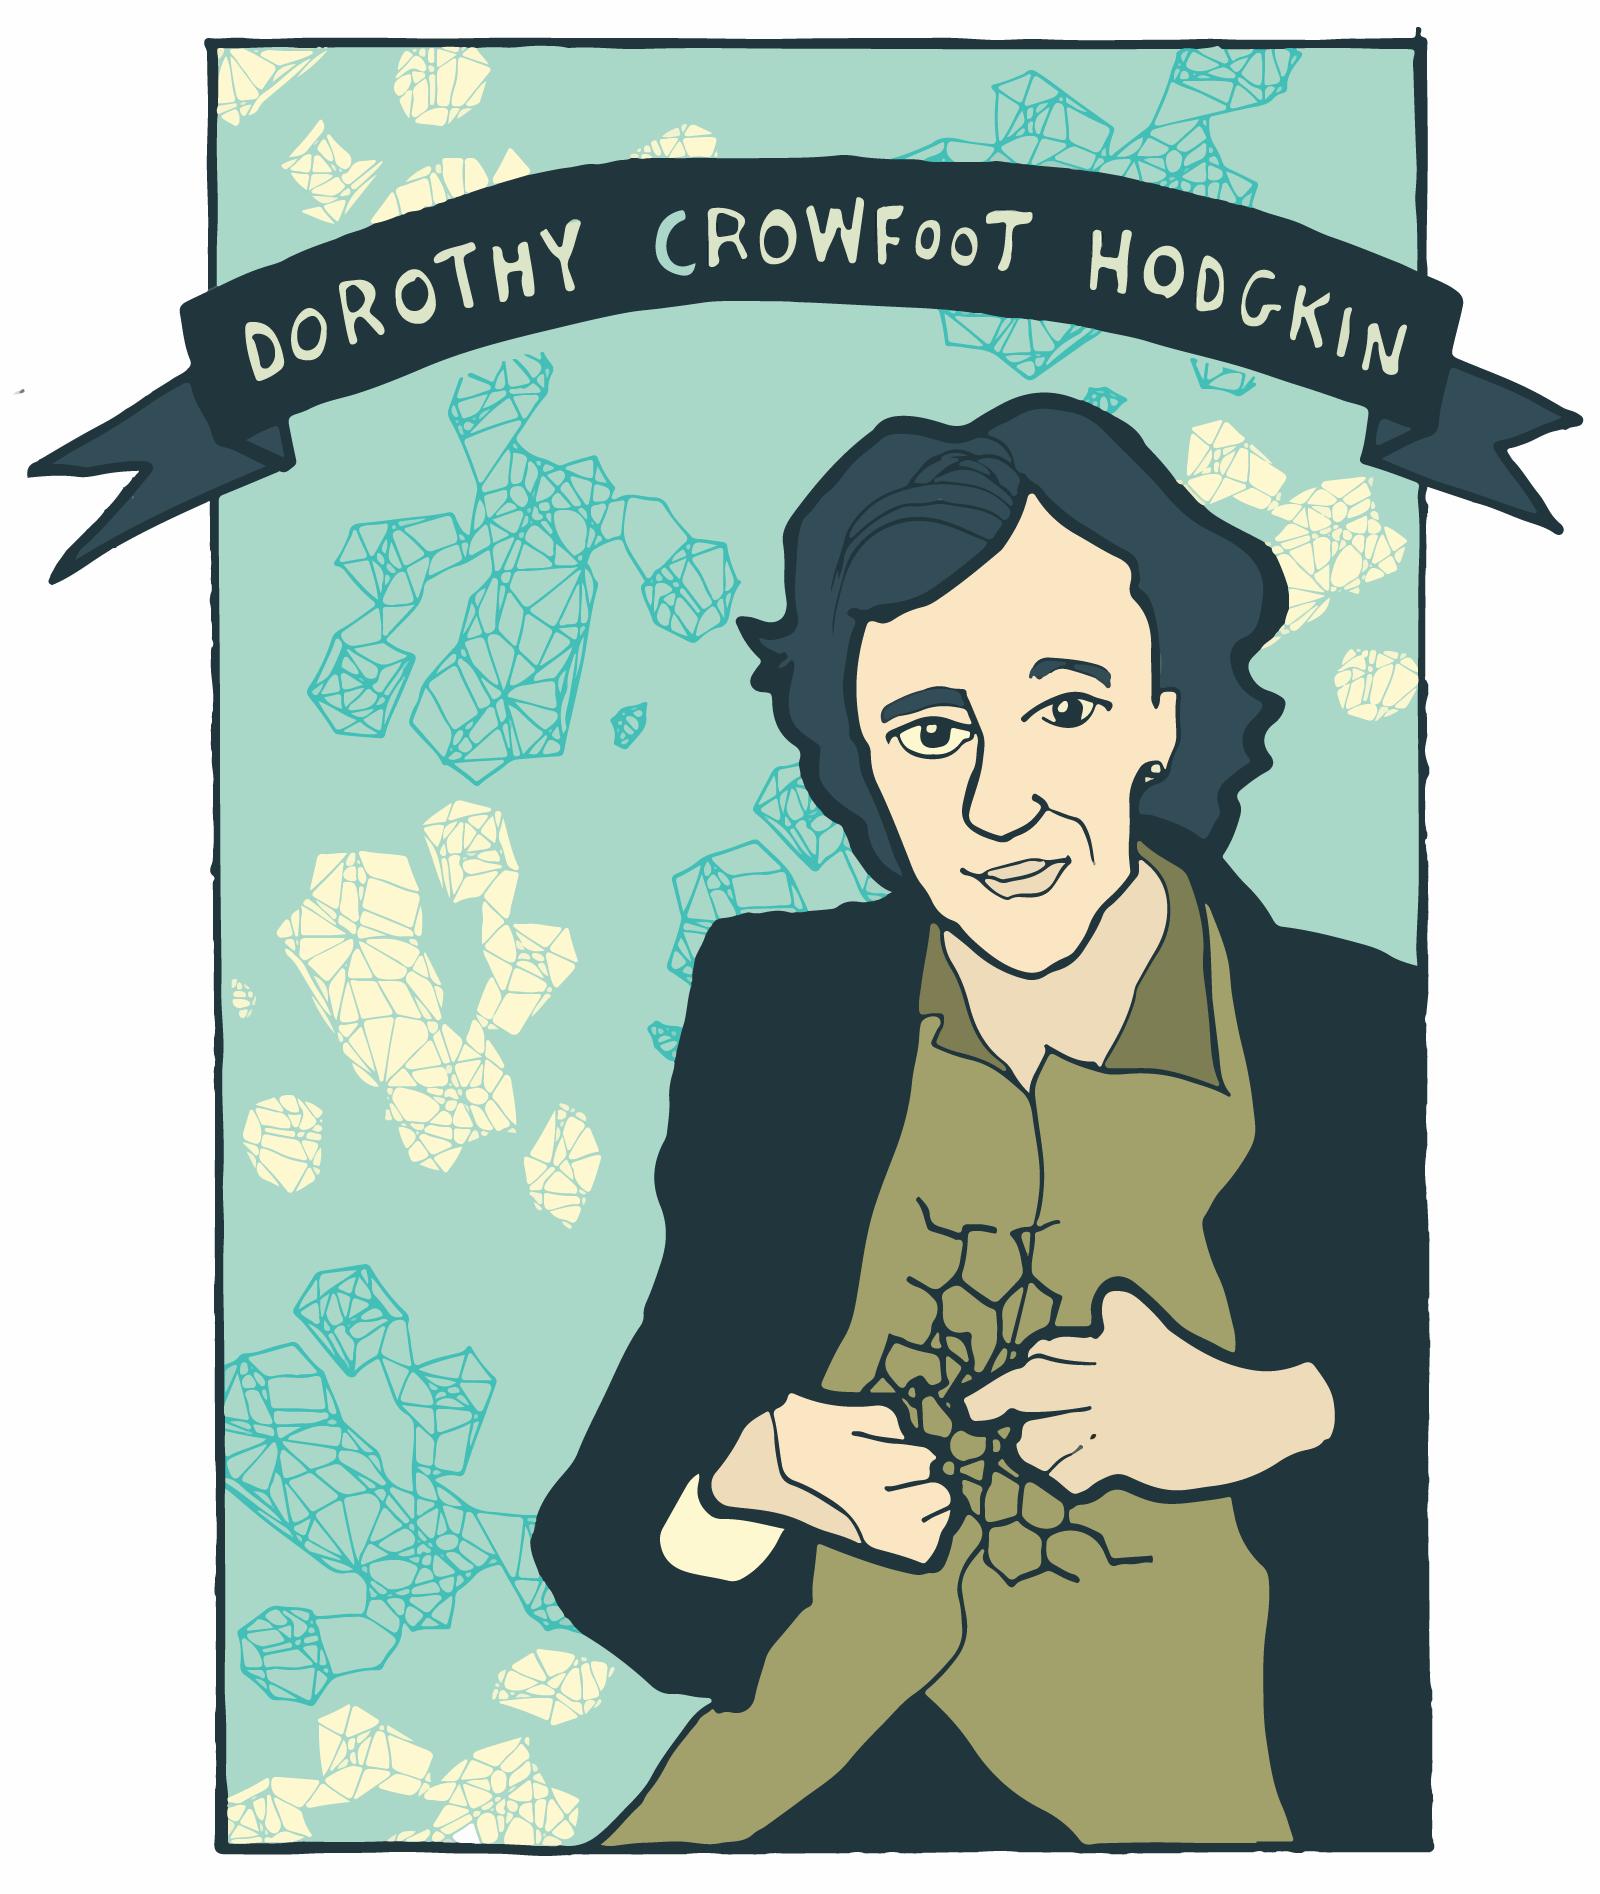 Dorothy Crowfoot Hodgkin